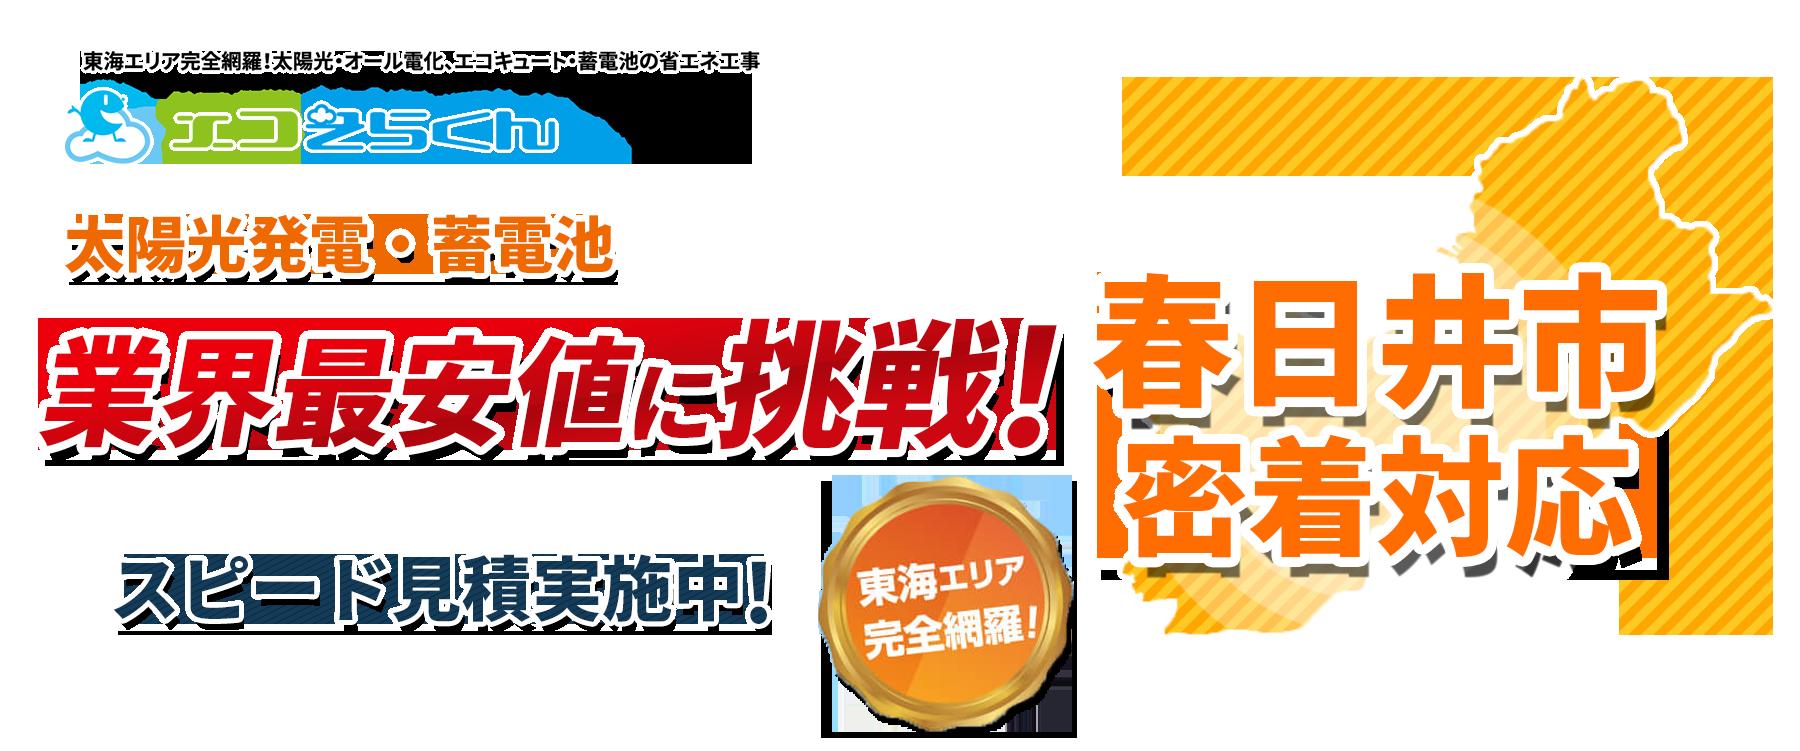 愛知県春日井市密着対応!